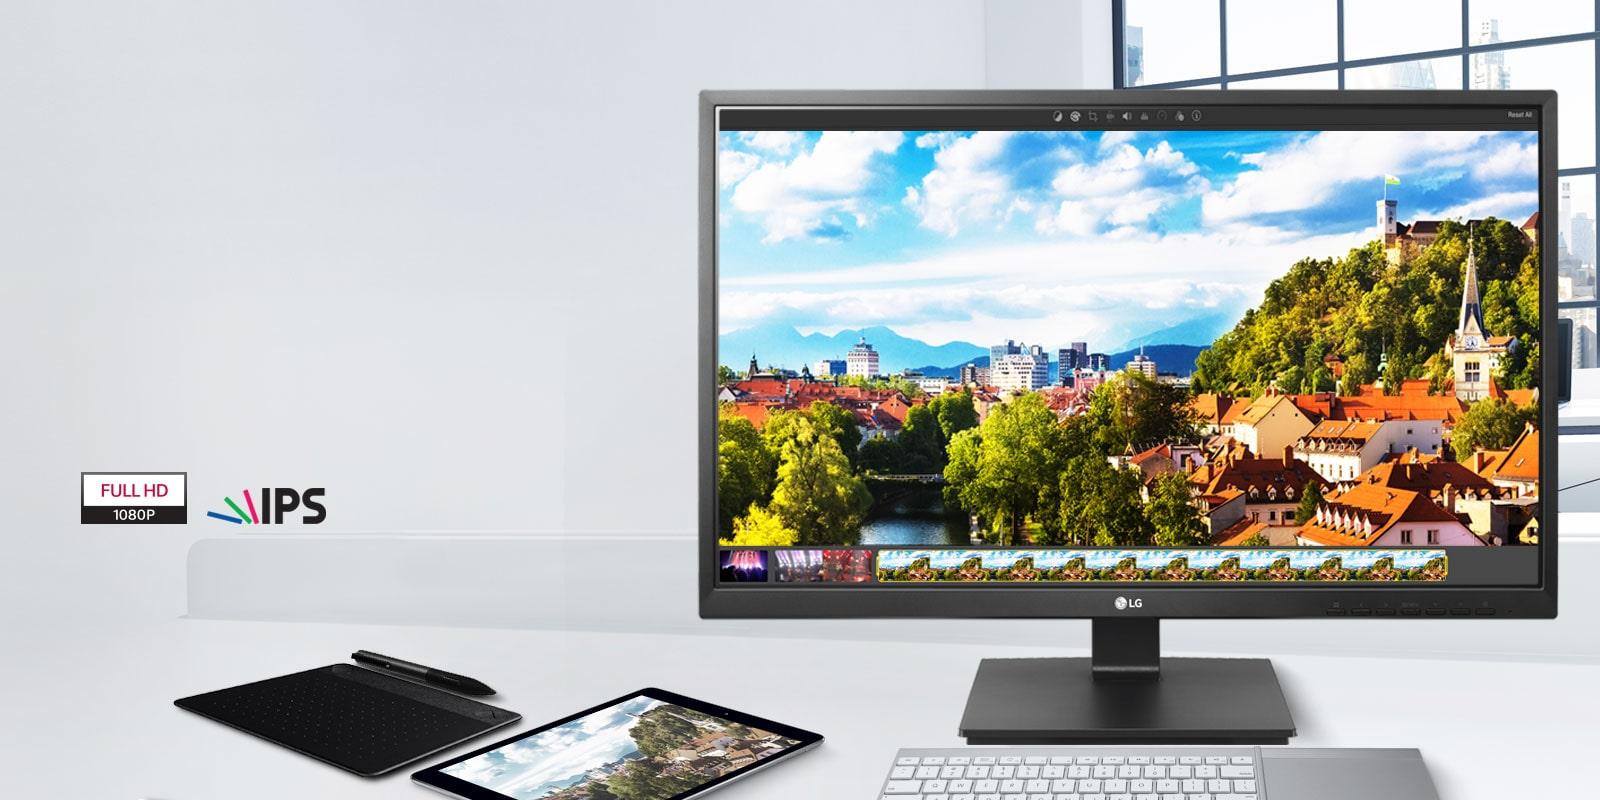 Full HD IPS display <br> 1